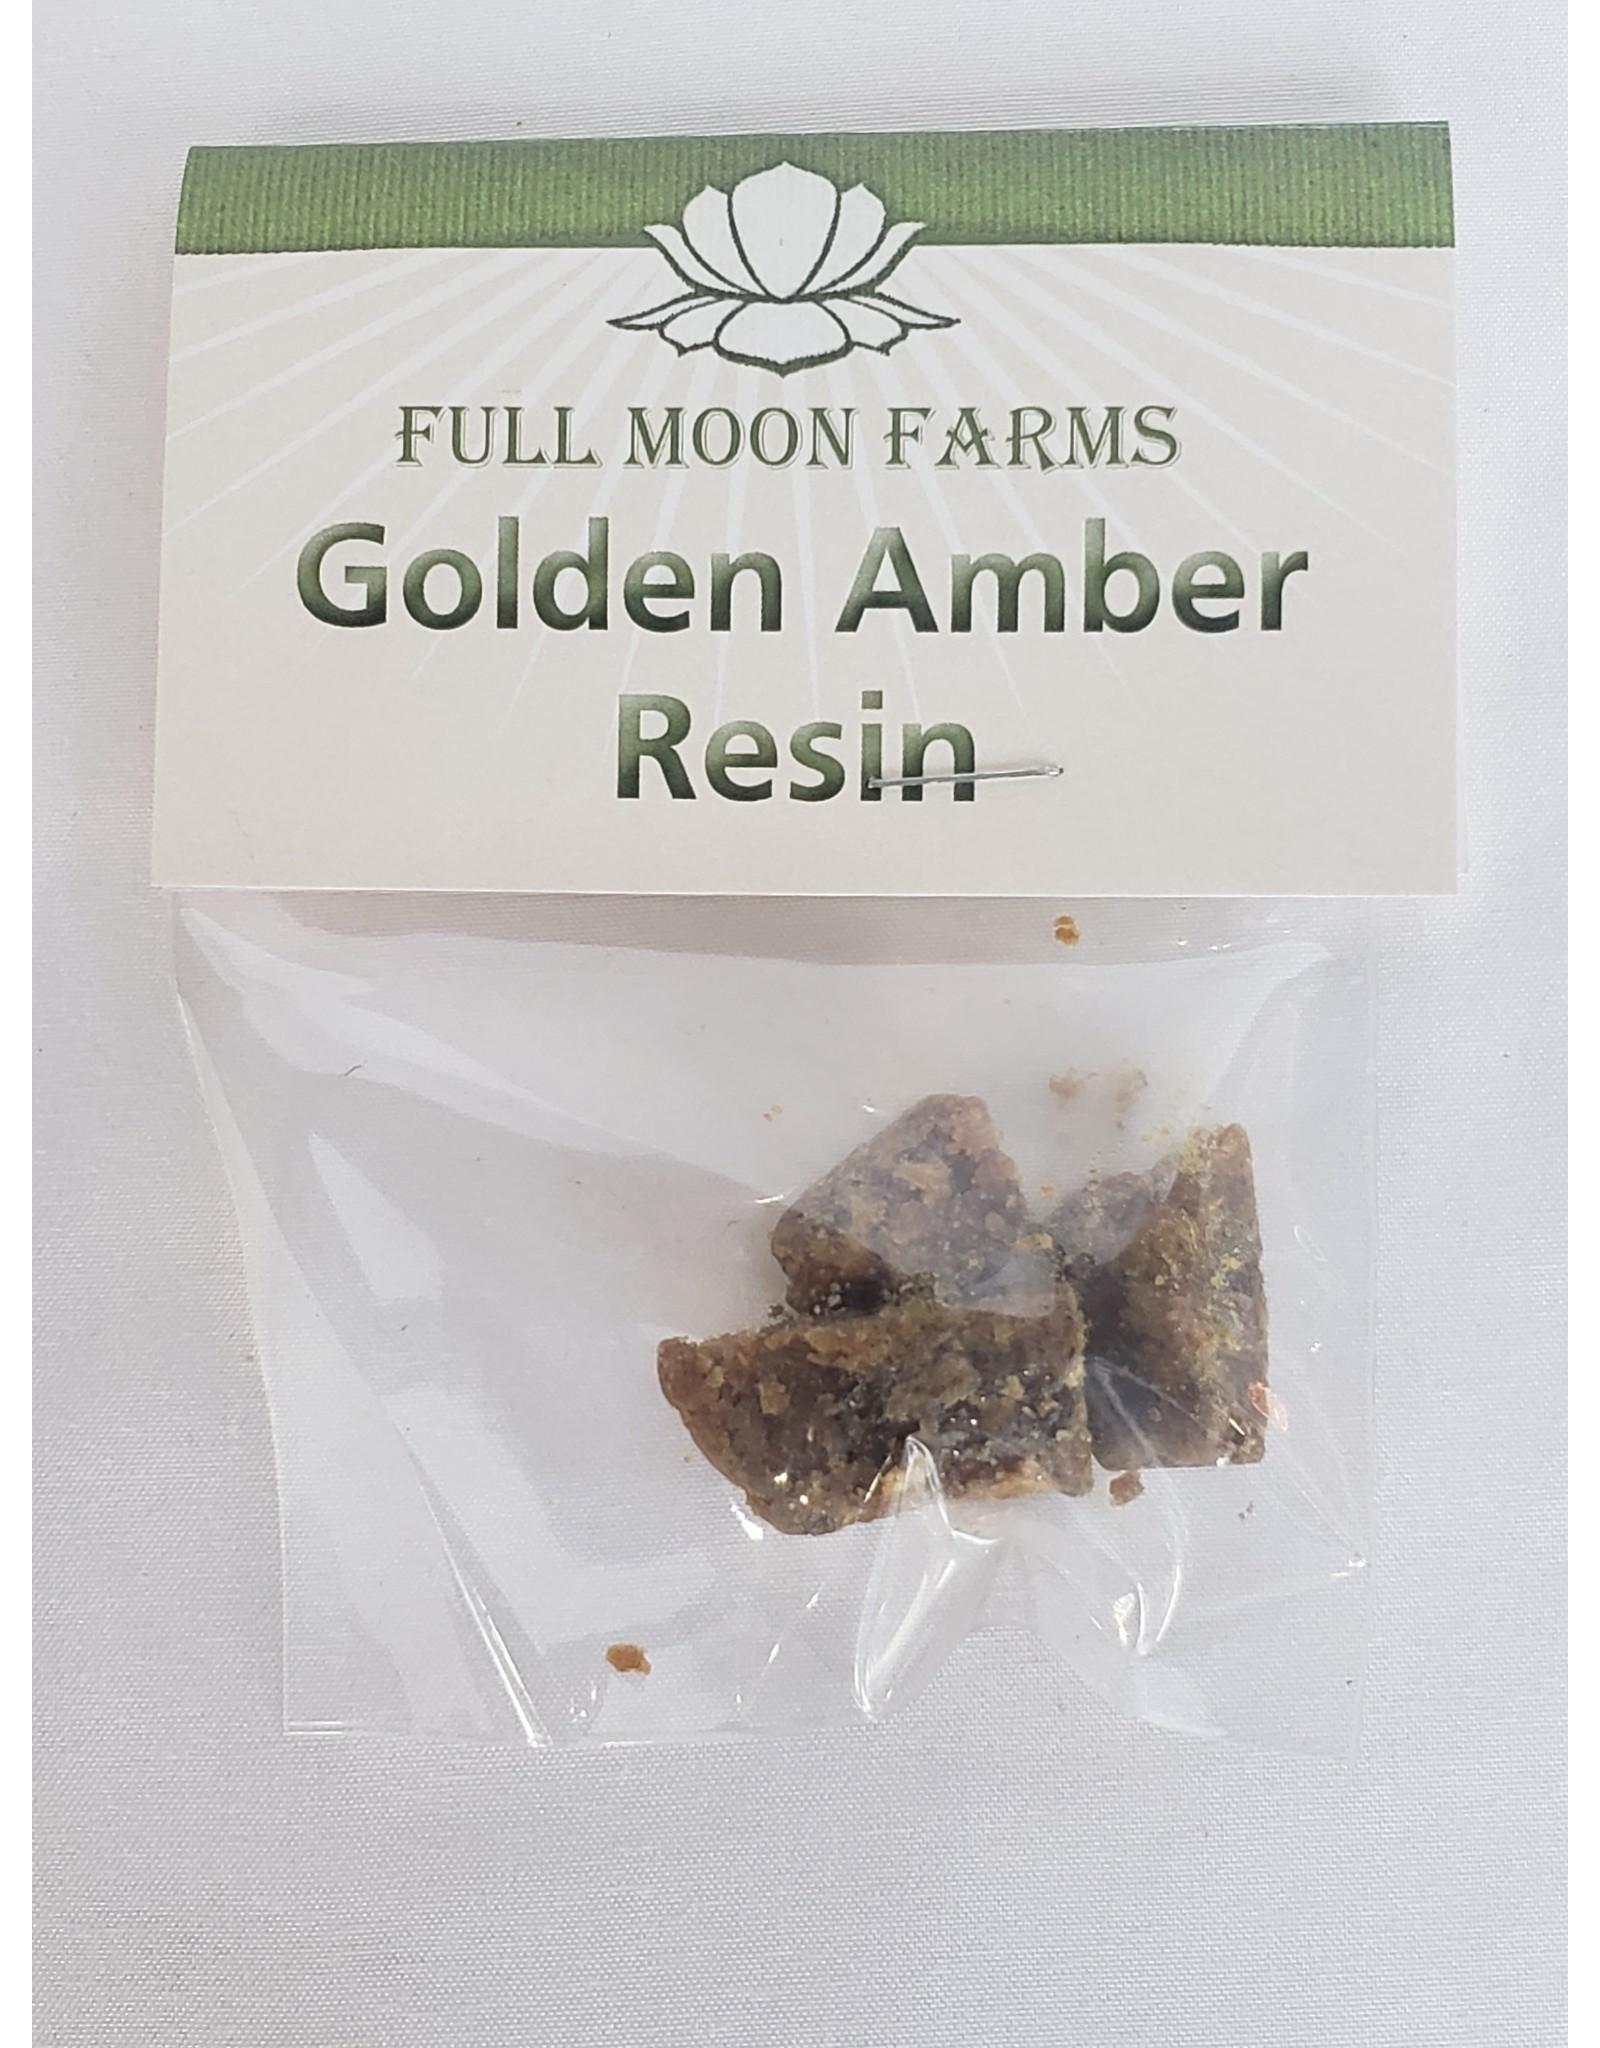 Full Moons Farms Golden Amber Resin - 5gm.